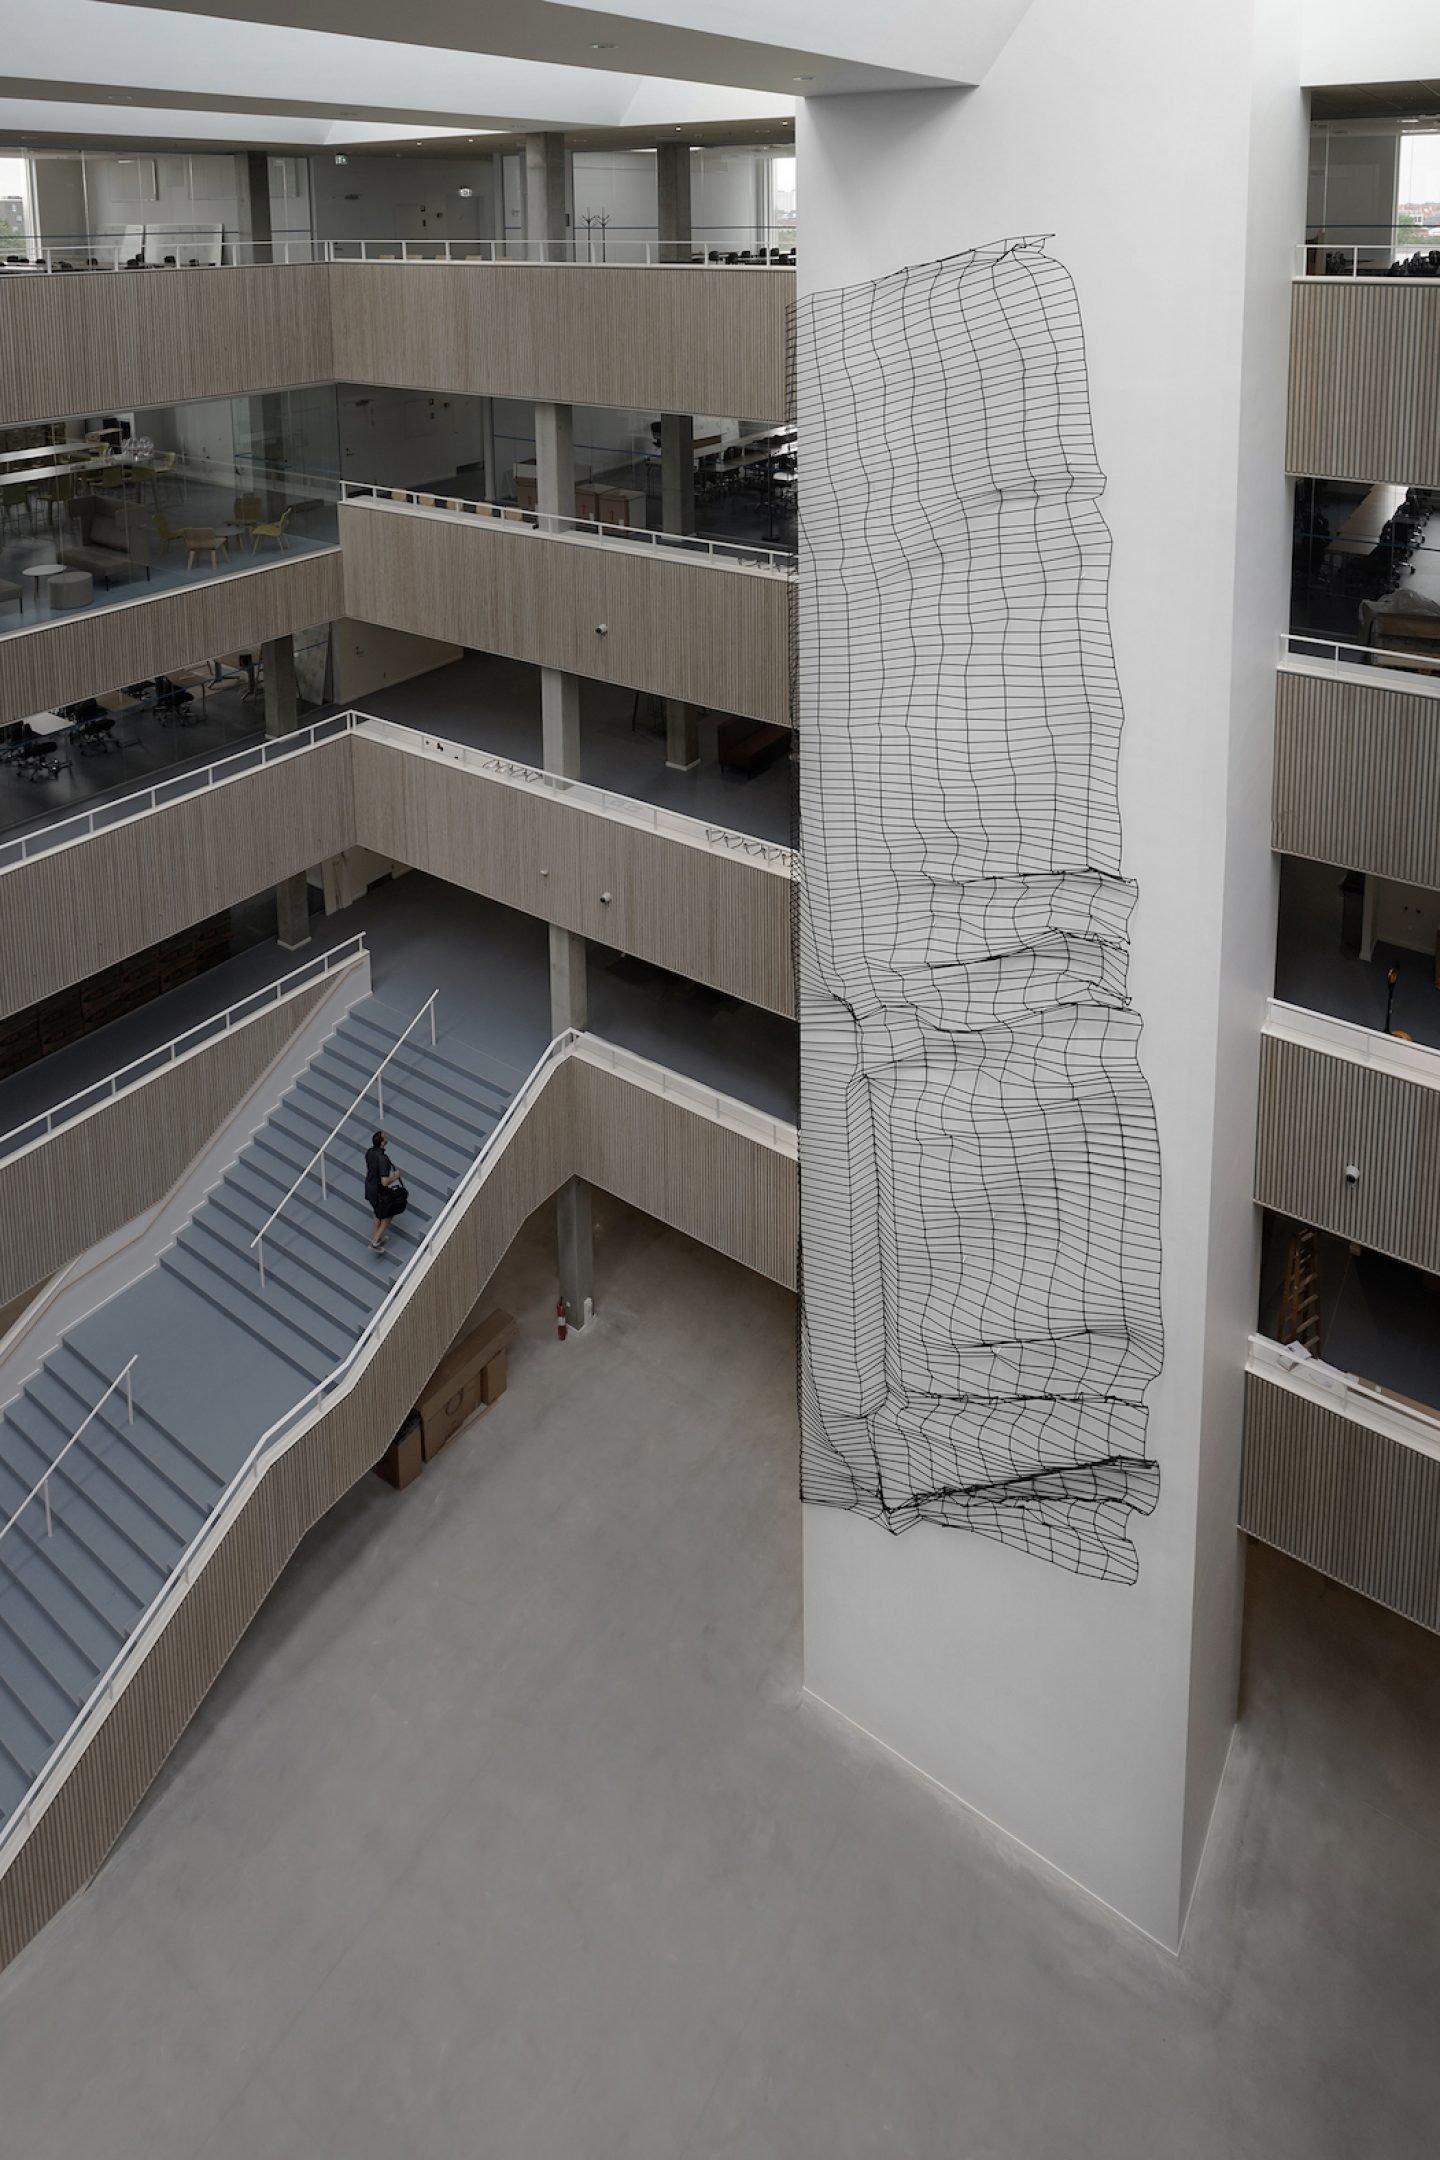 art_borkmannlenk_klaede_installation_14